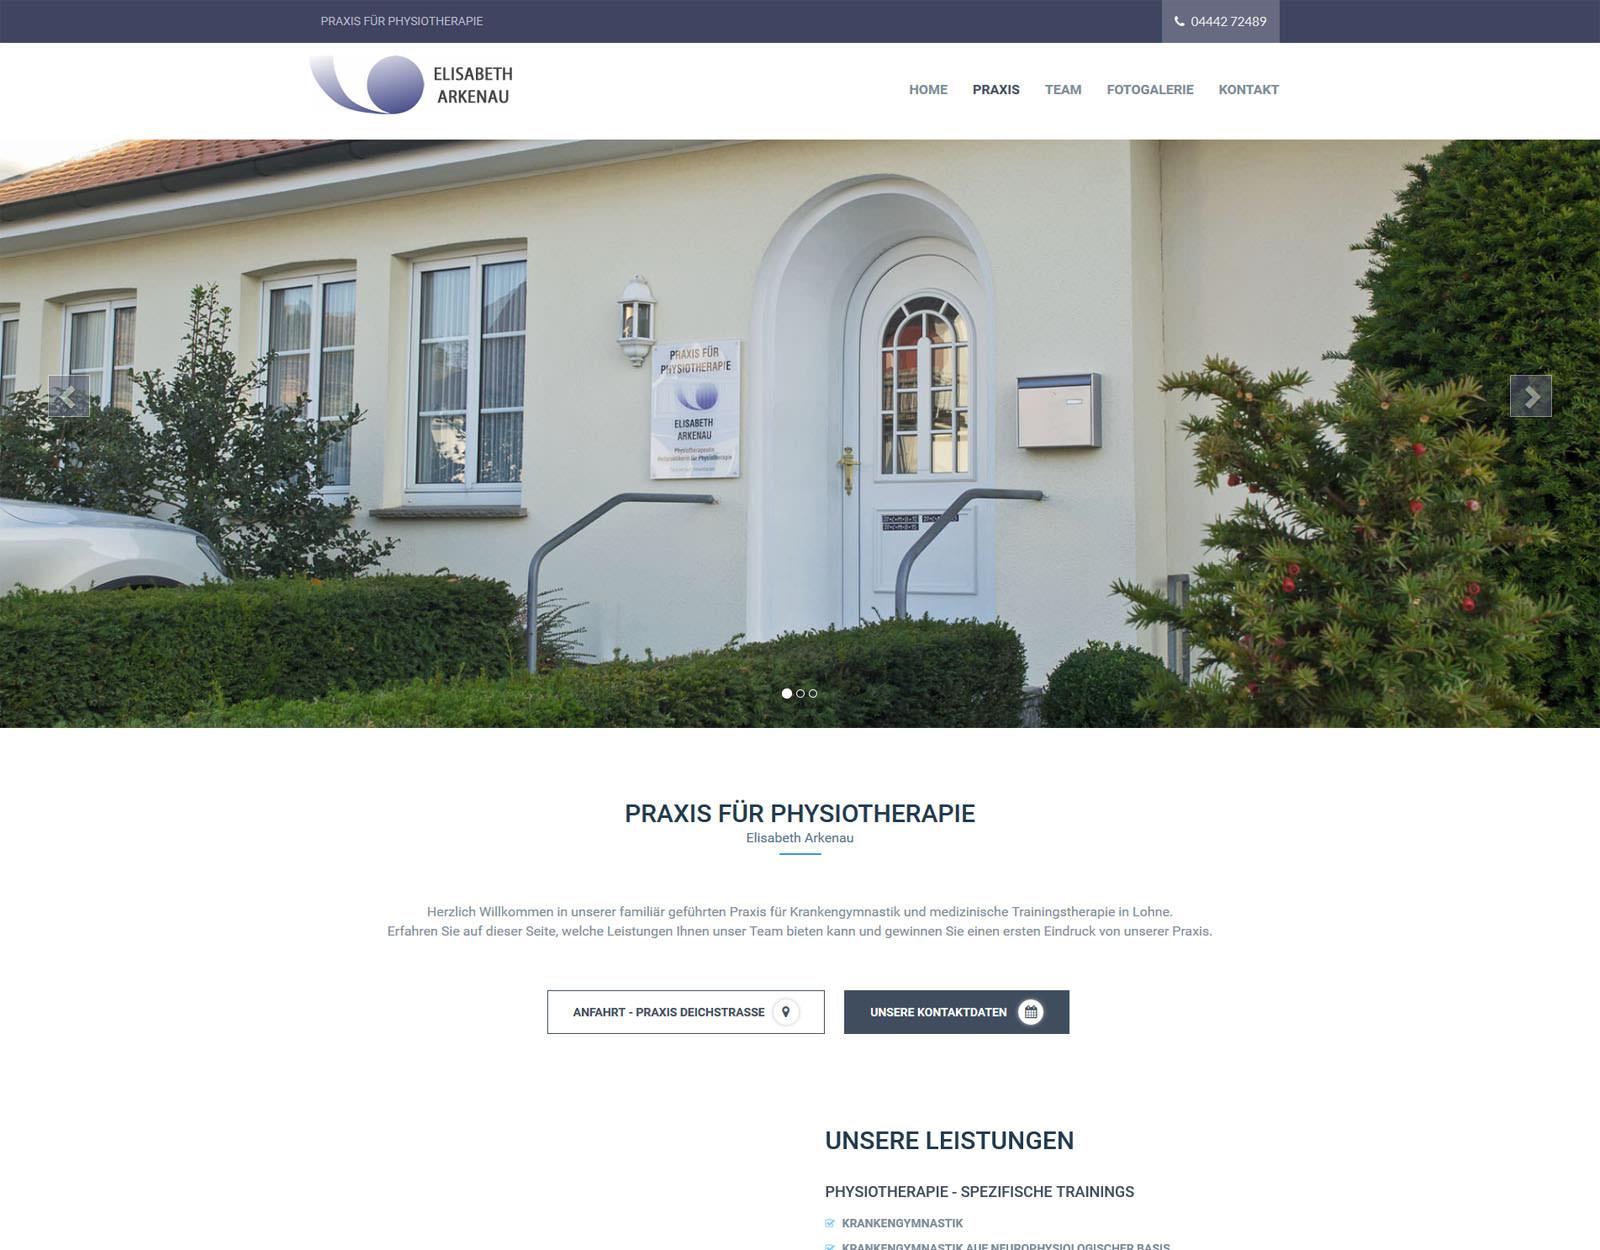 Kachel Und Kamin Lohne webdesign homepage und prof internetauftritt für unternehmen